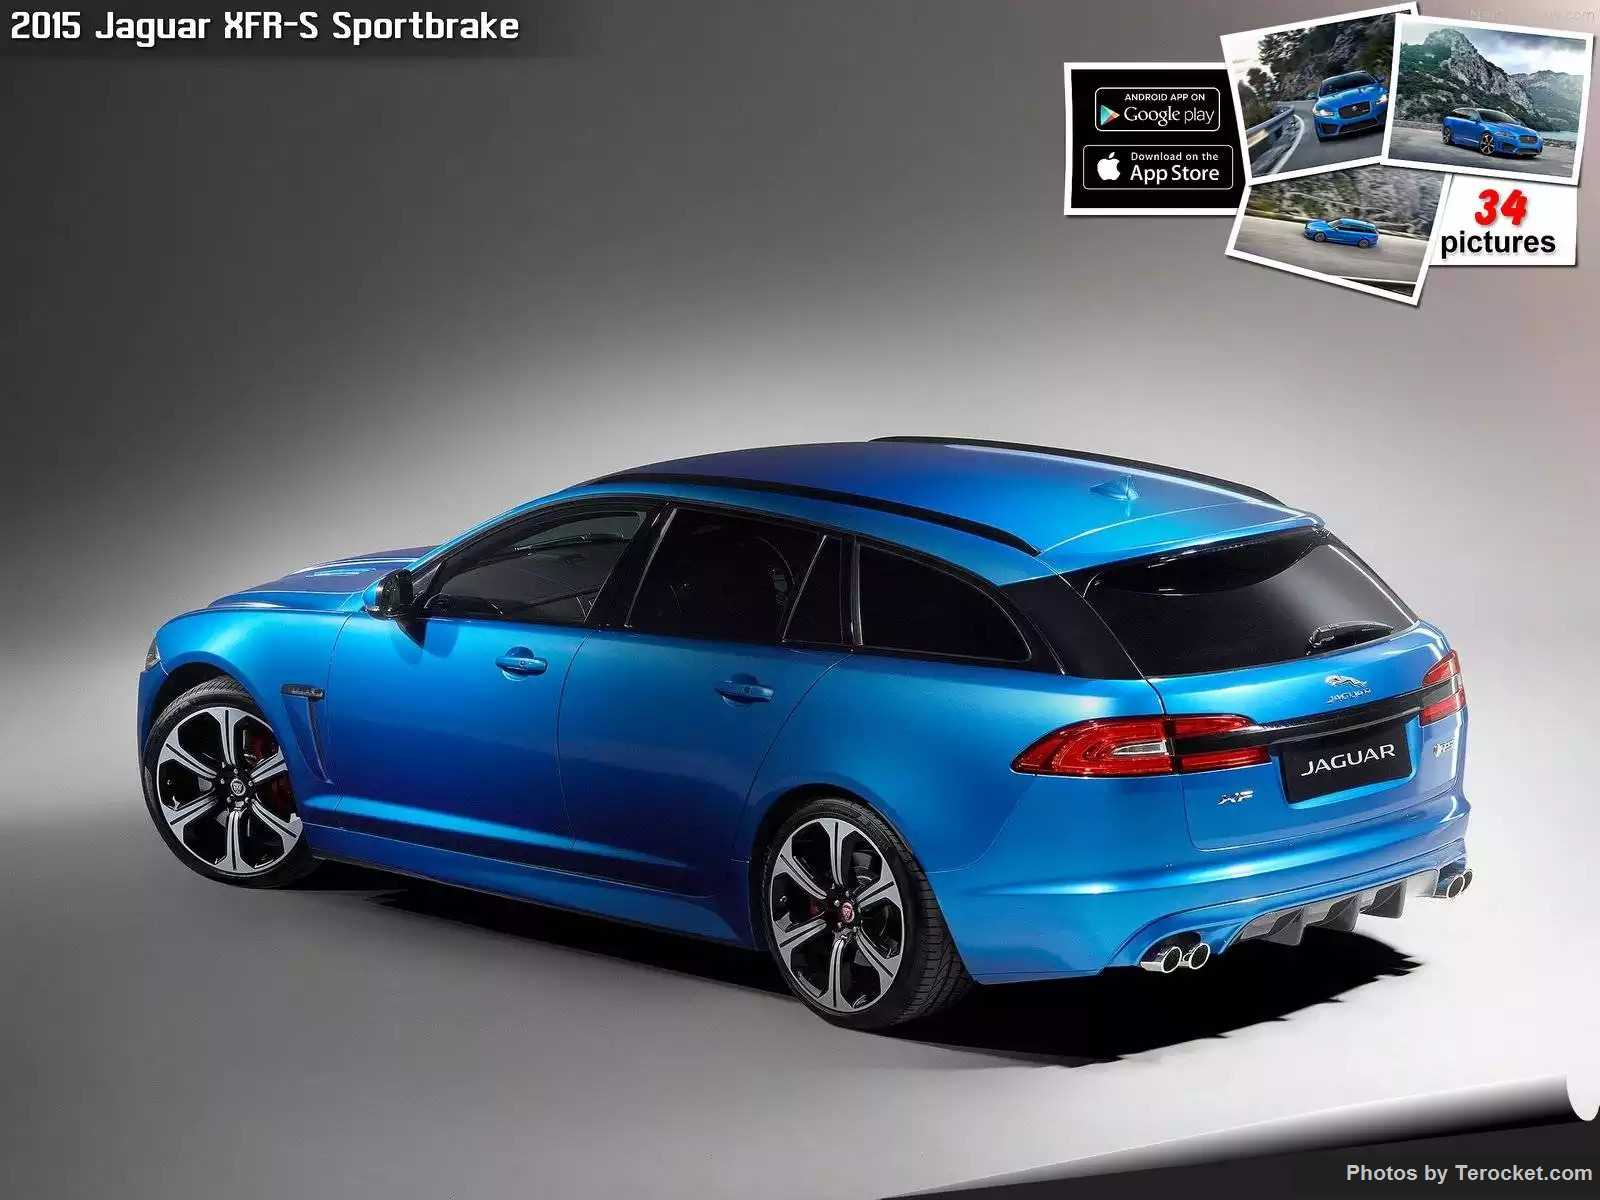 Hình ảnh xe ô tô Jaguar XFR-S Sportbrake 2015 & nội ngoại thất